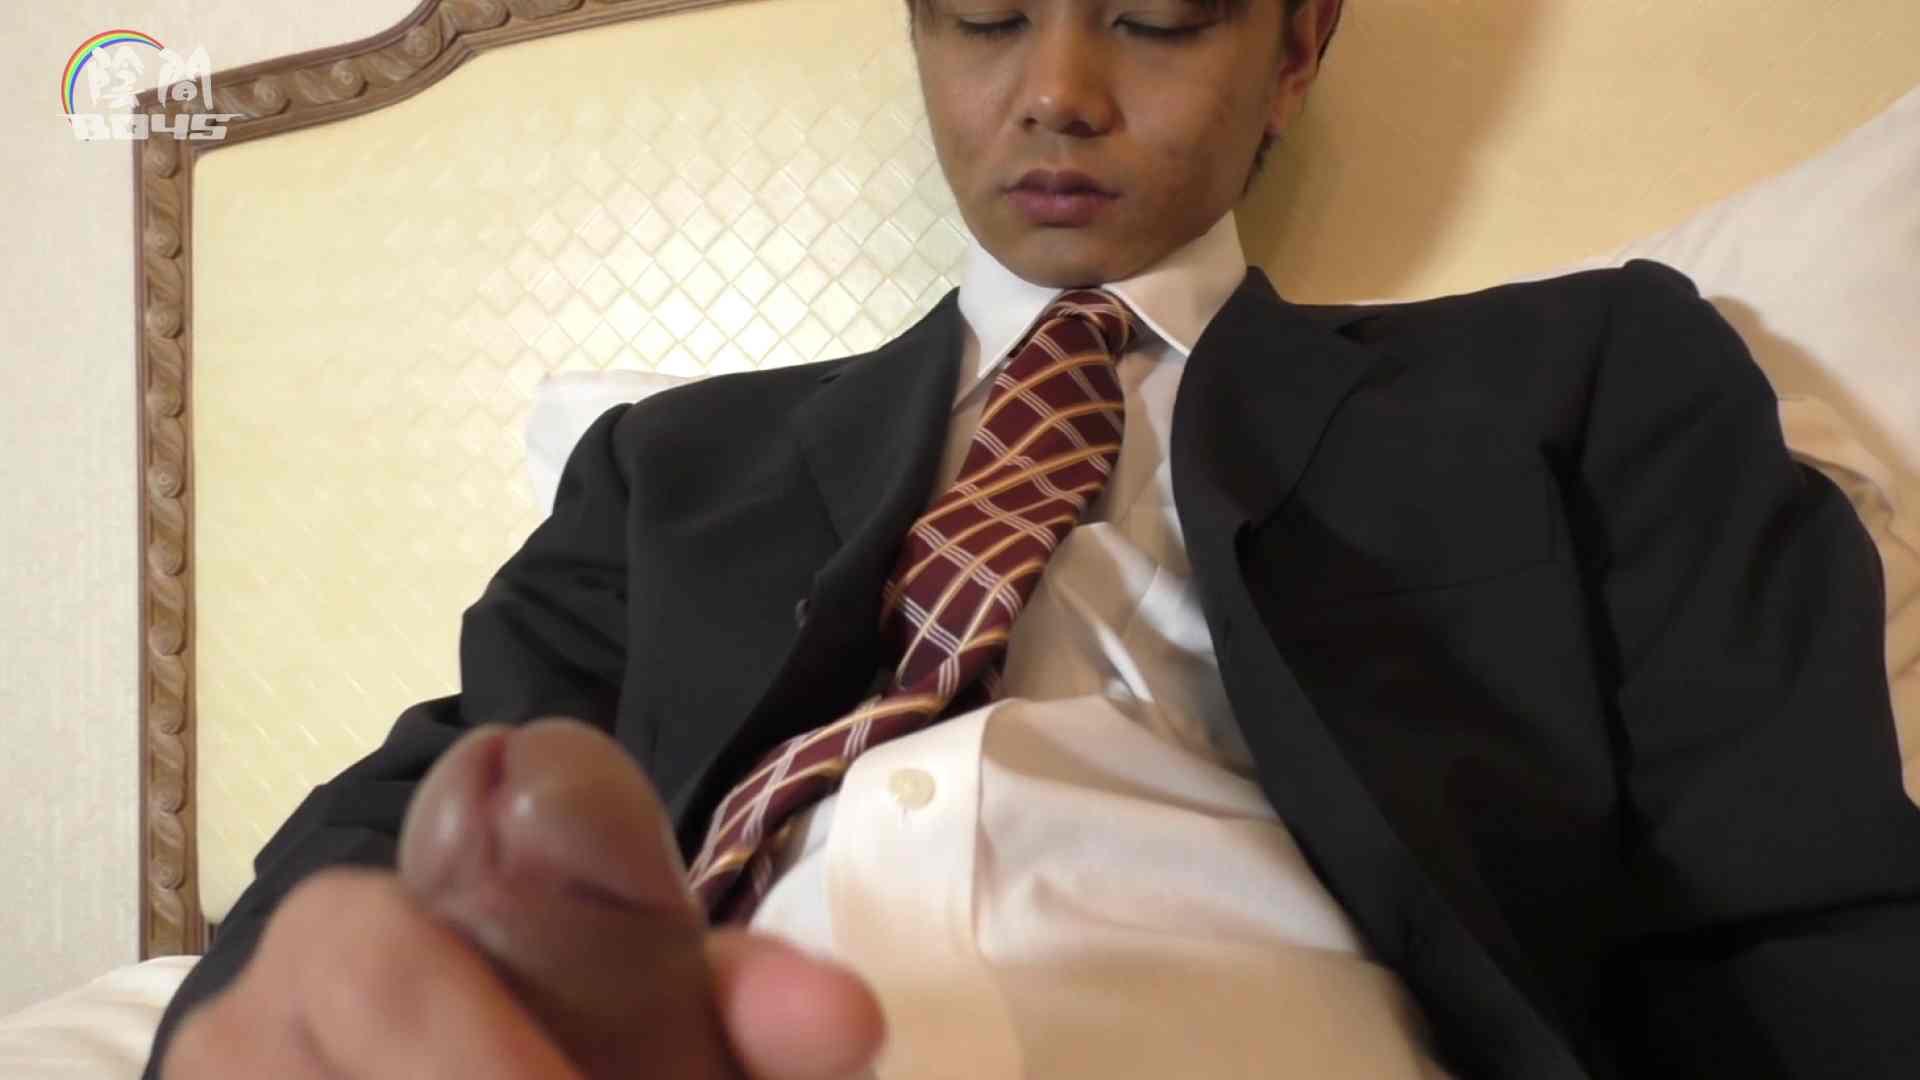 陰間BOYS~キャバクラの仕事はアナルから4 Vol.02 発射 | アナル天国  8枚 3